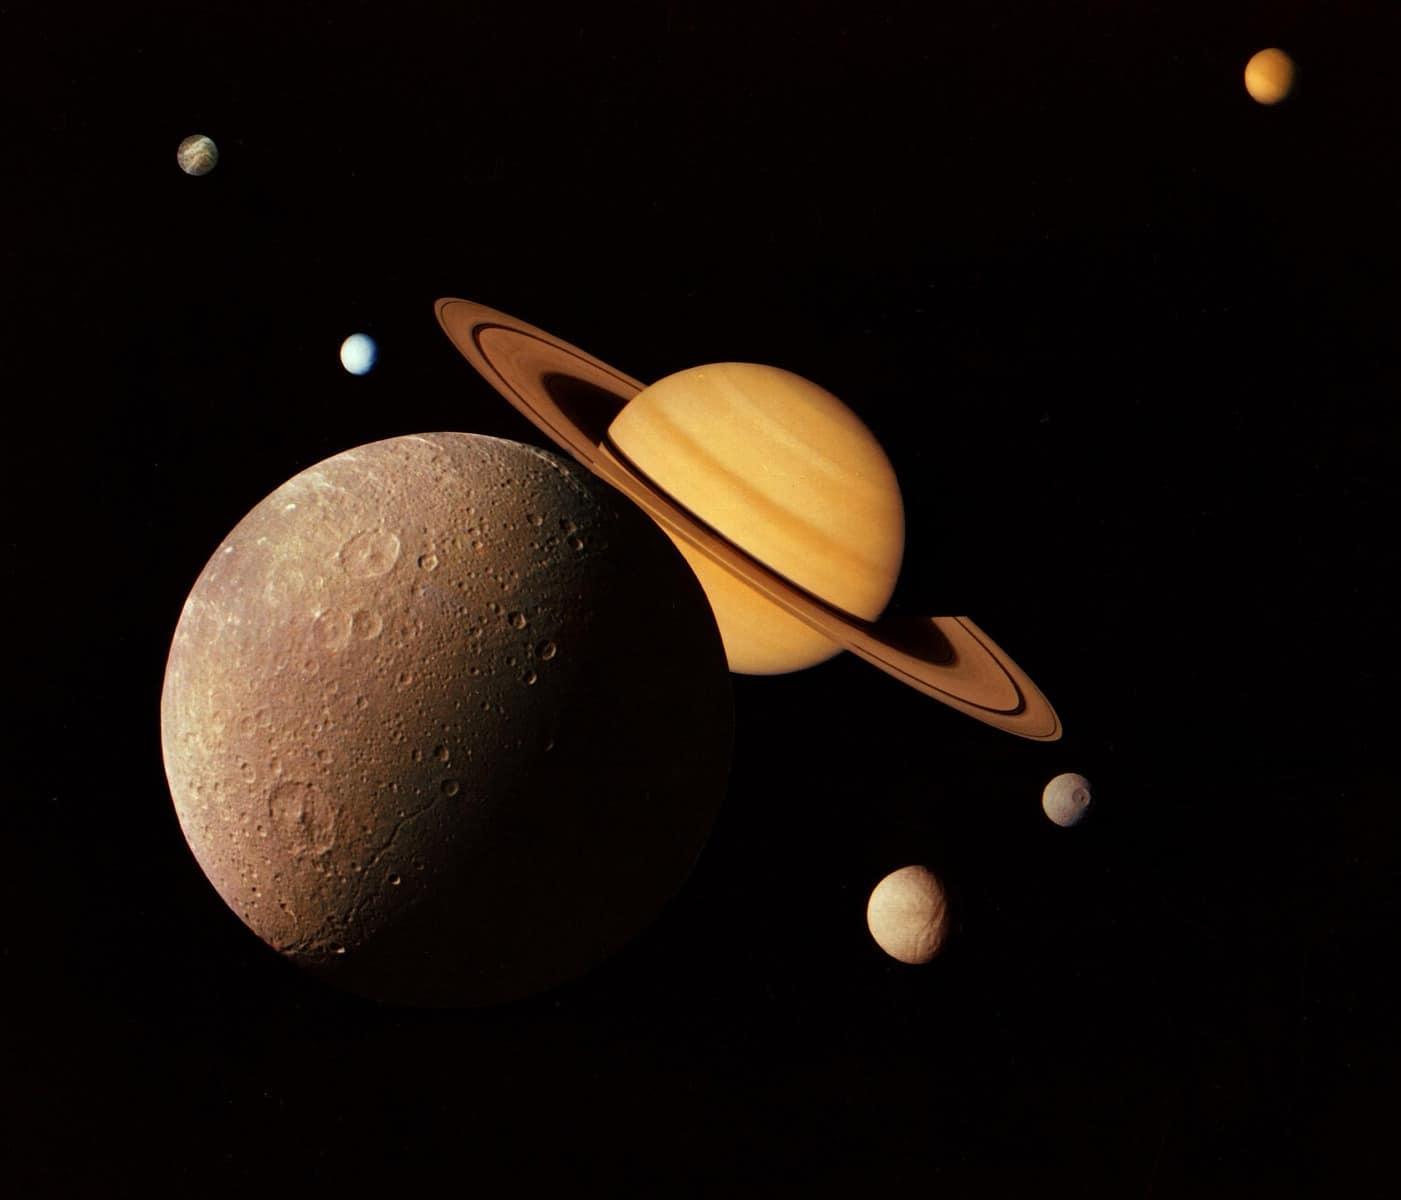 Saturne surclasse désormais Jupiter en nombre de lunes